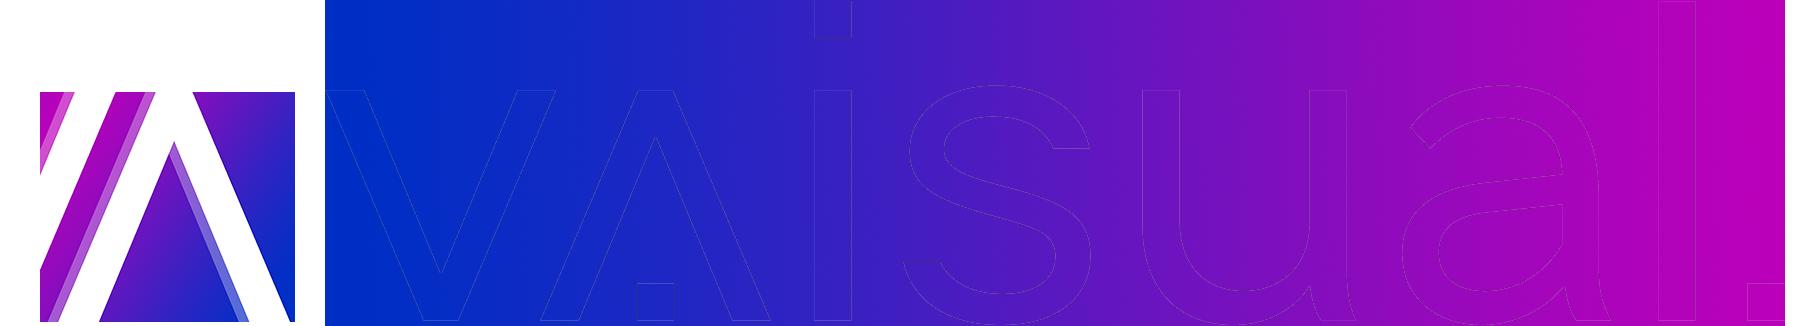 vaisual.com